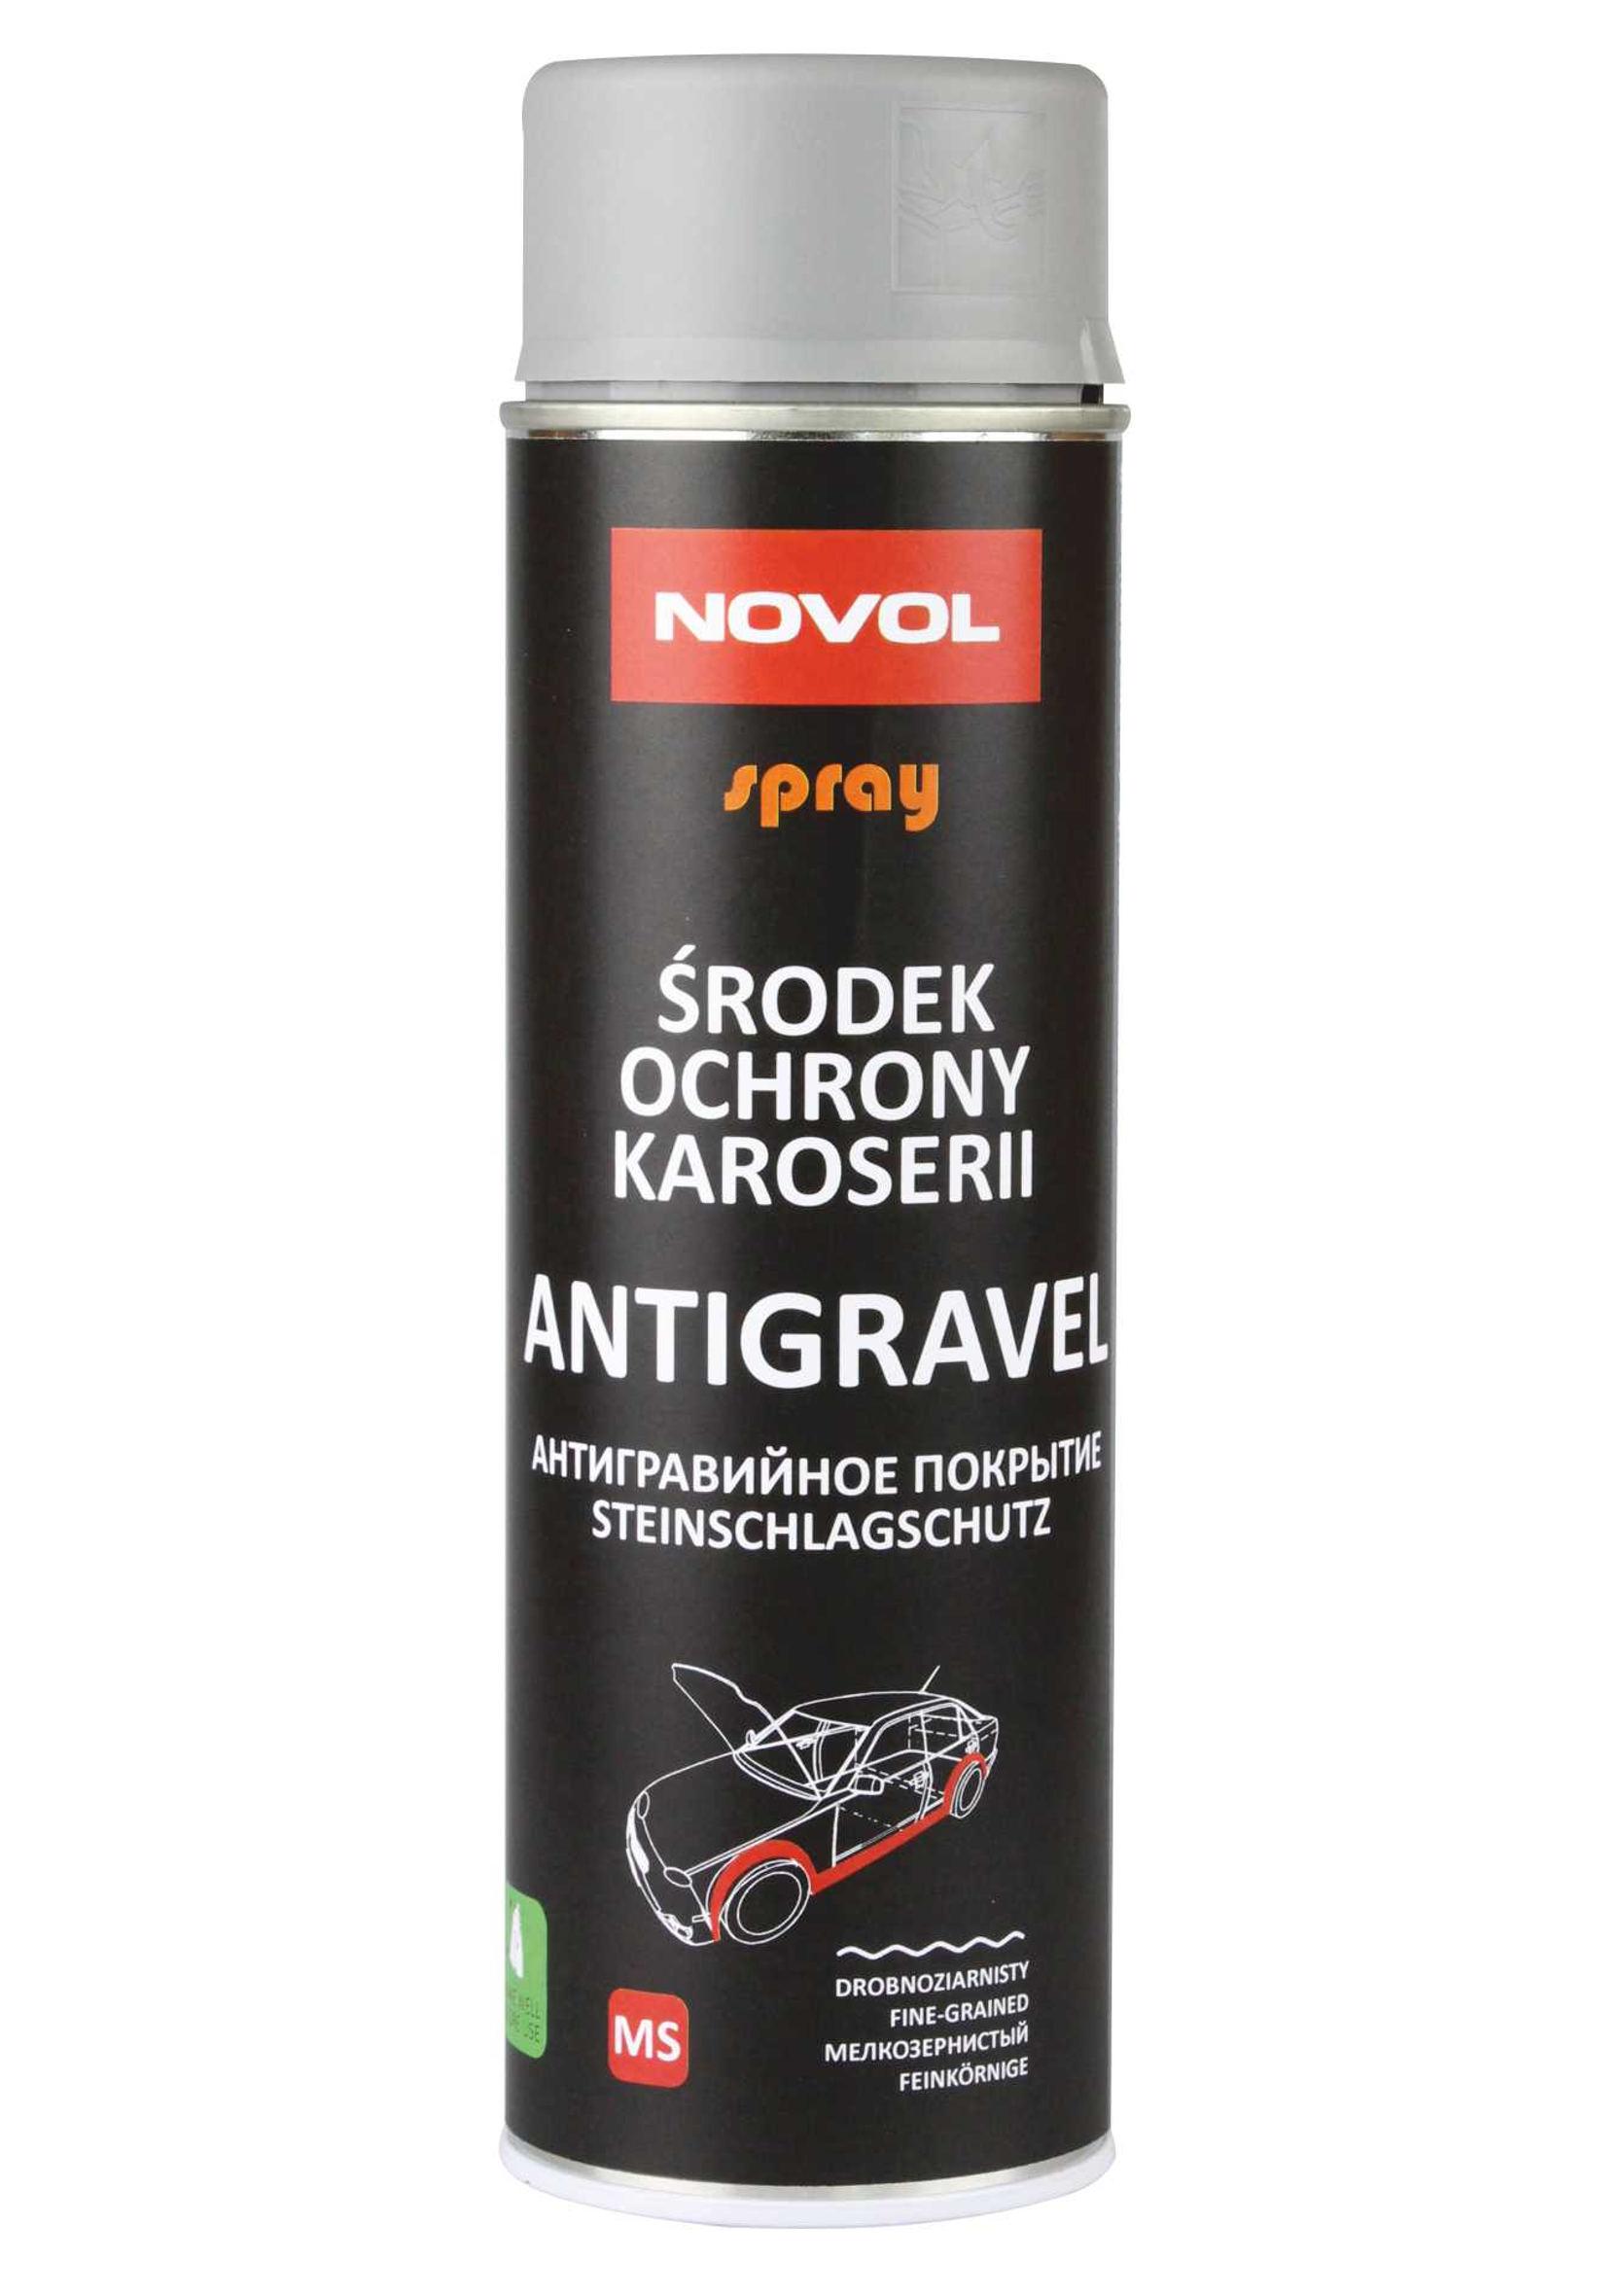 Novol Antigravel MS Baranek Szary 500ml w sprayu 500ml do zabezpieczenia podwozia